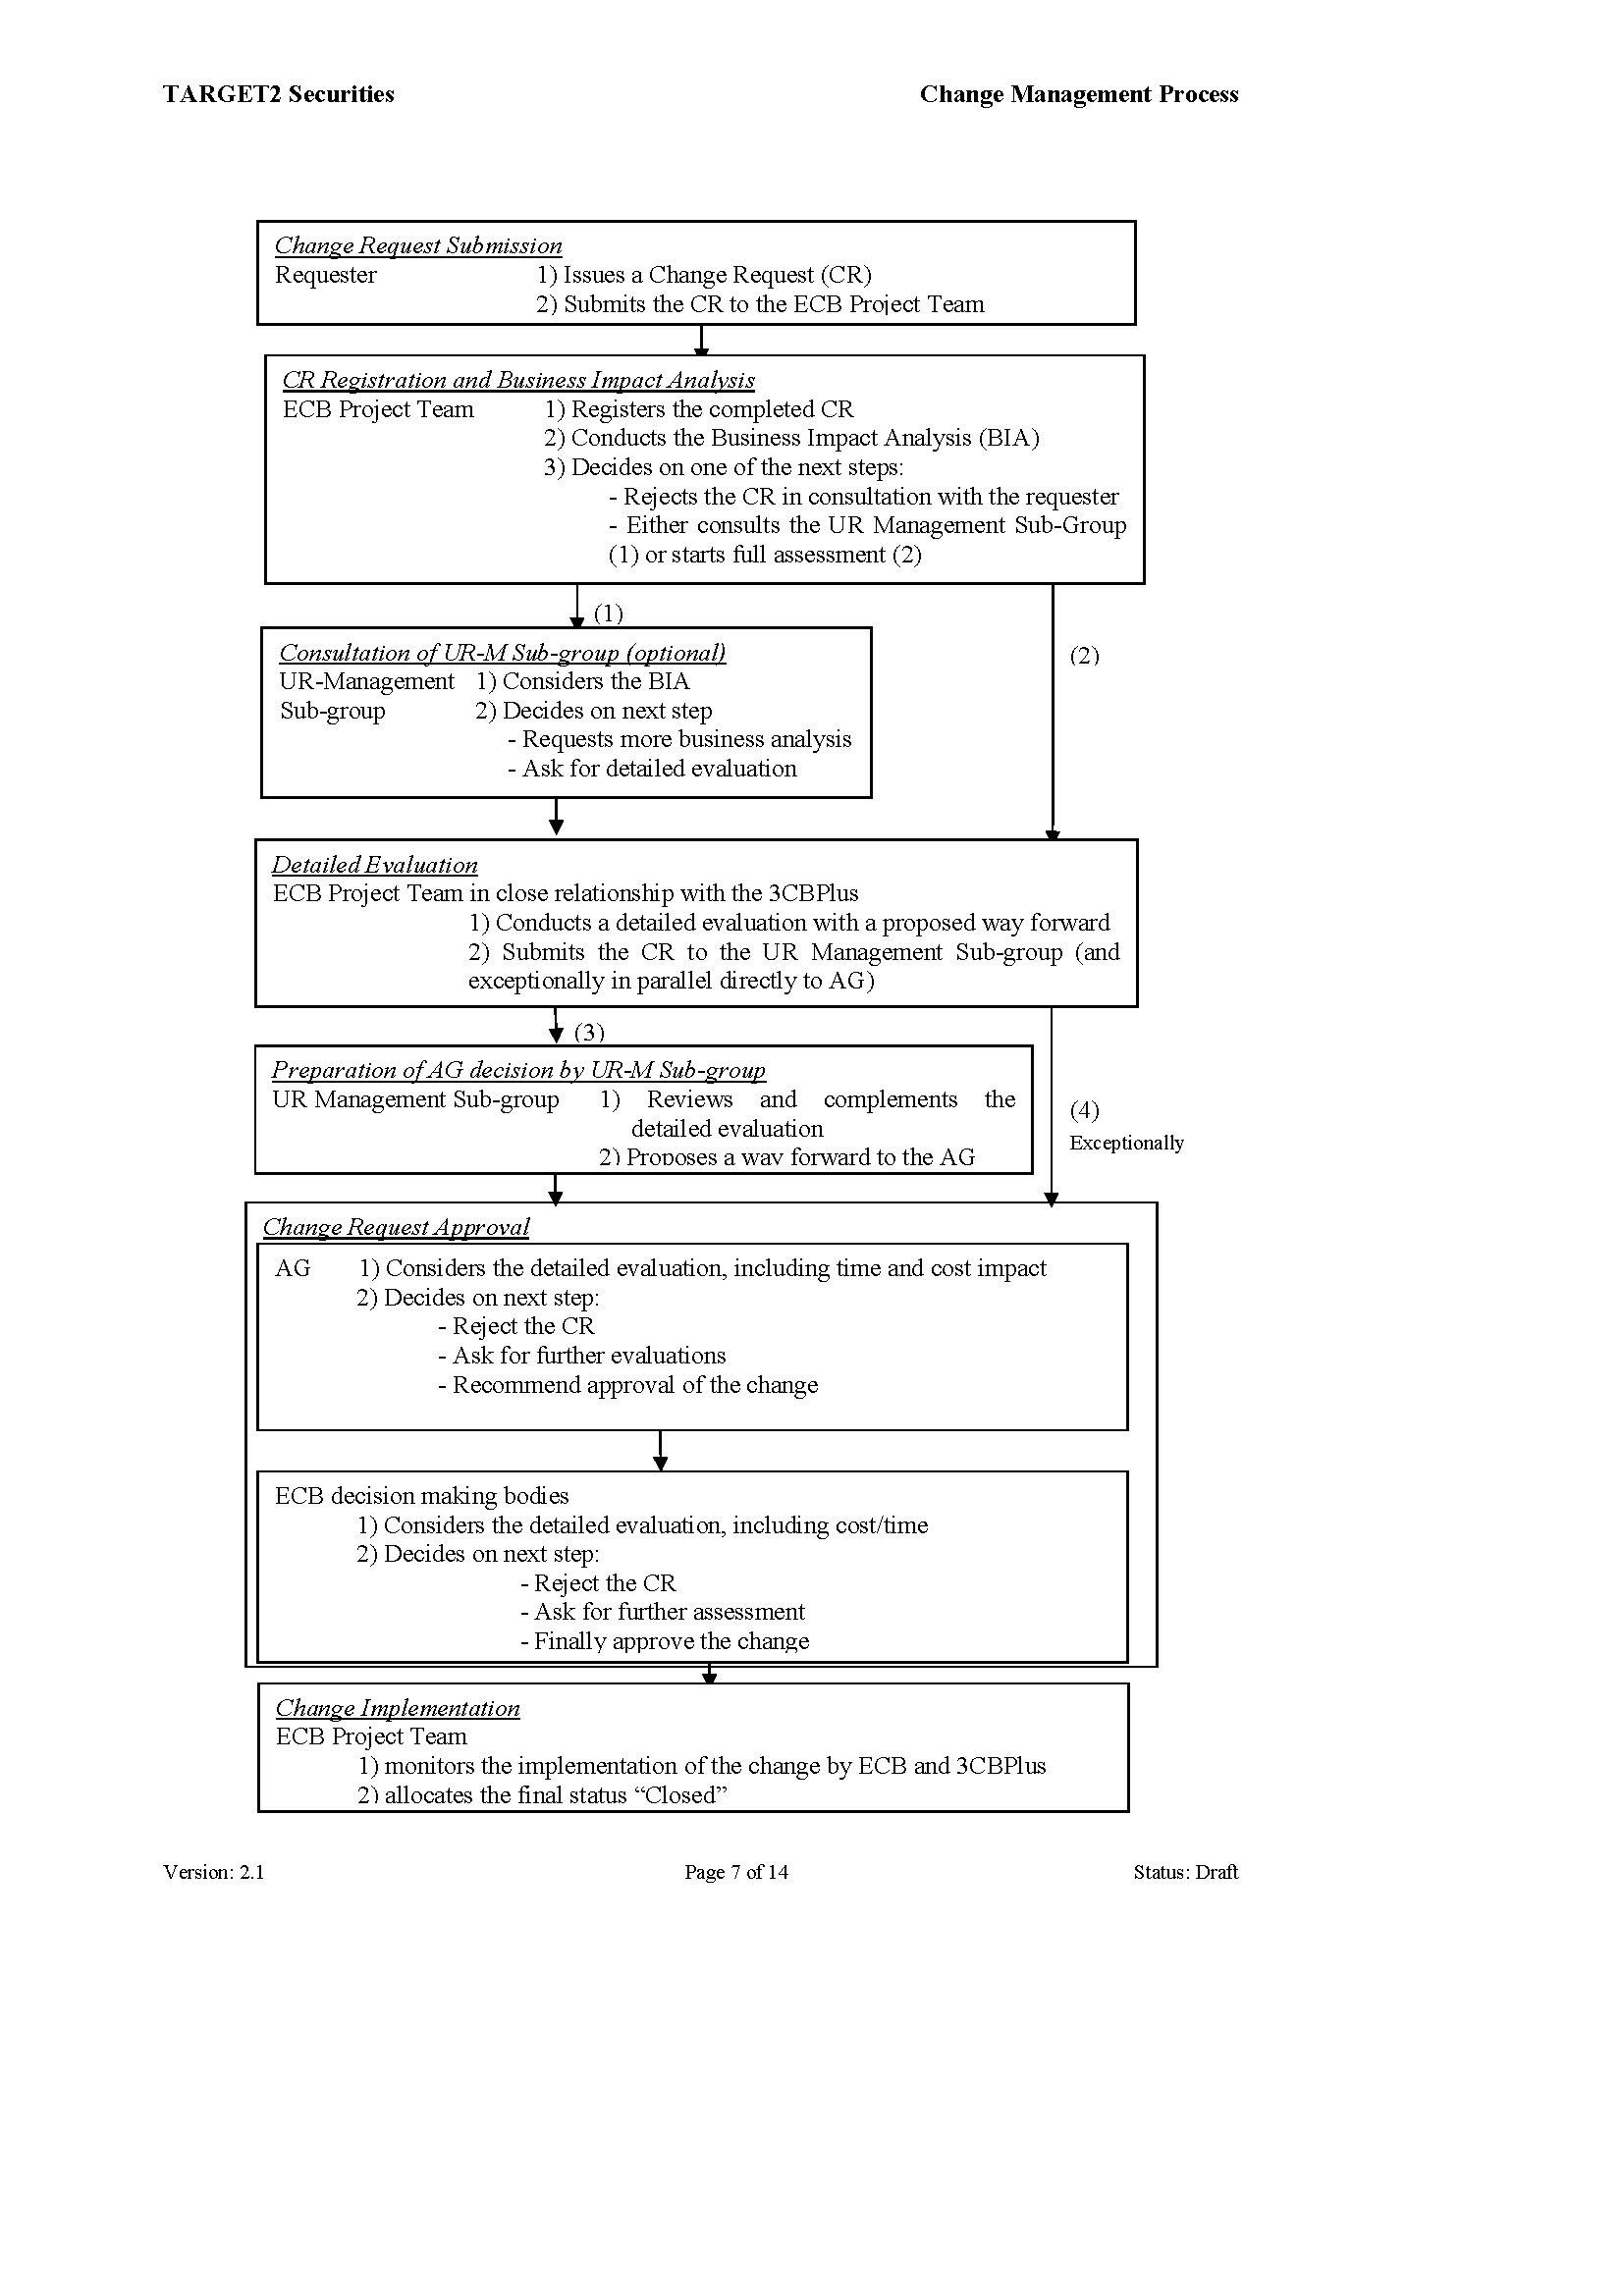 T2S-08-0299_URD_Change_Management_Process_v2_1_Page_07